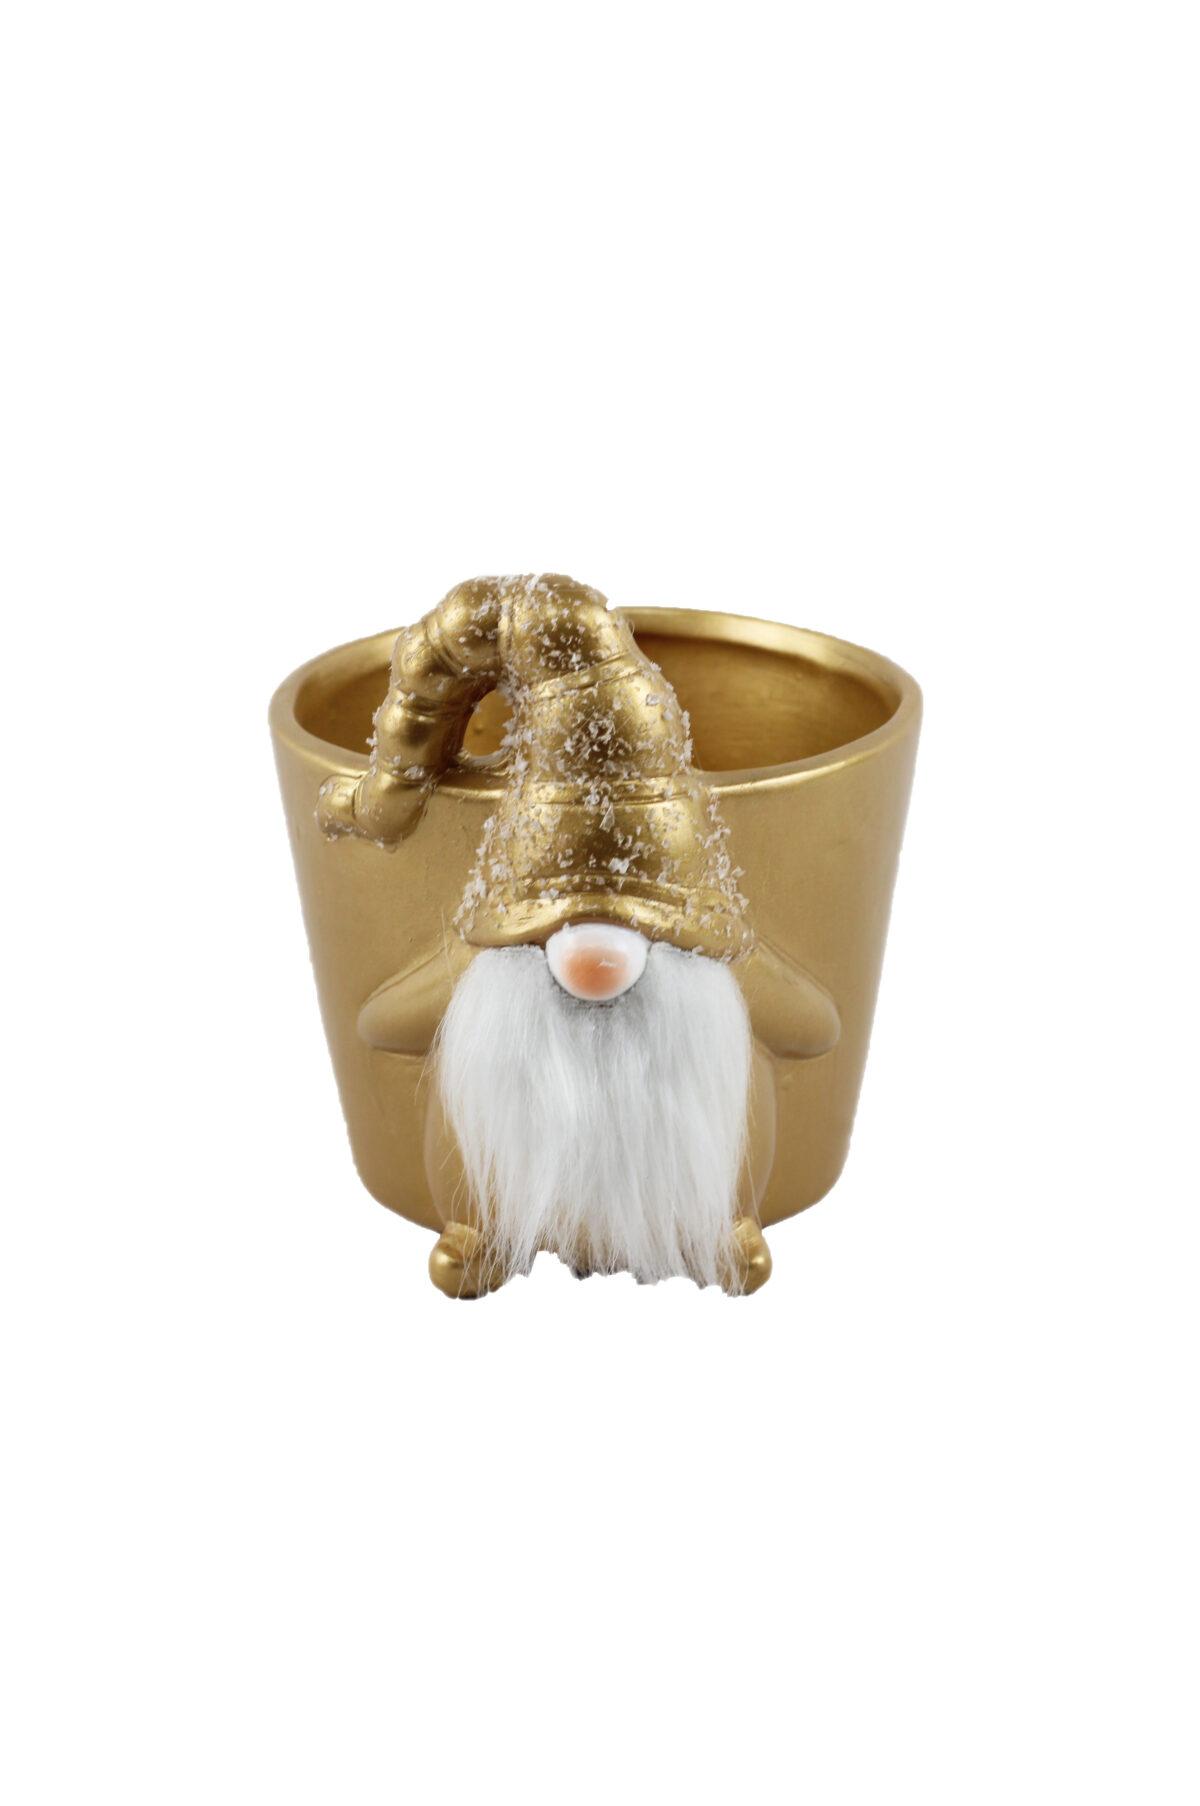 Vaso caspò svasato in ceramica color oro a forma di gnomo con soffice barba bianca 23x19 cm h. 21 cm